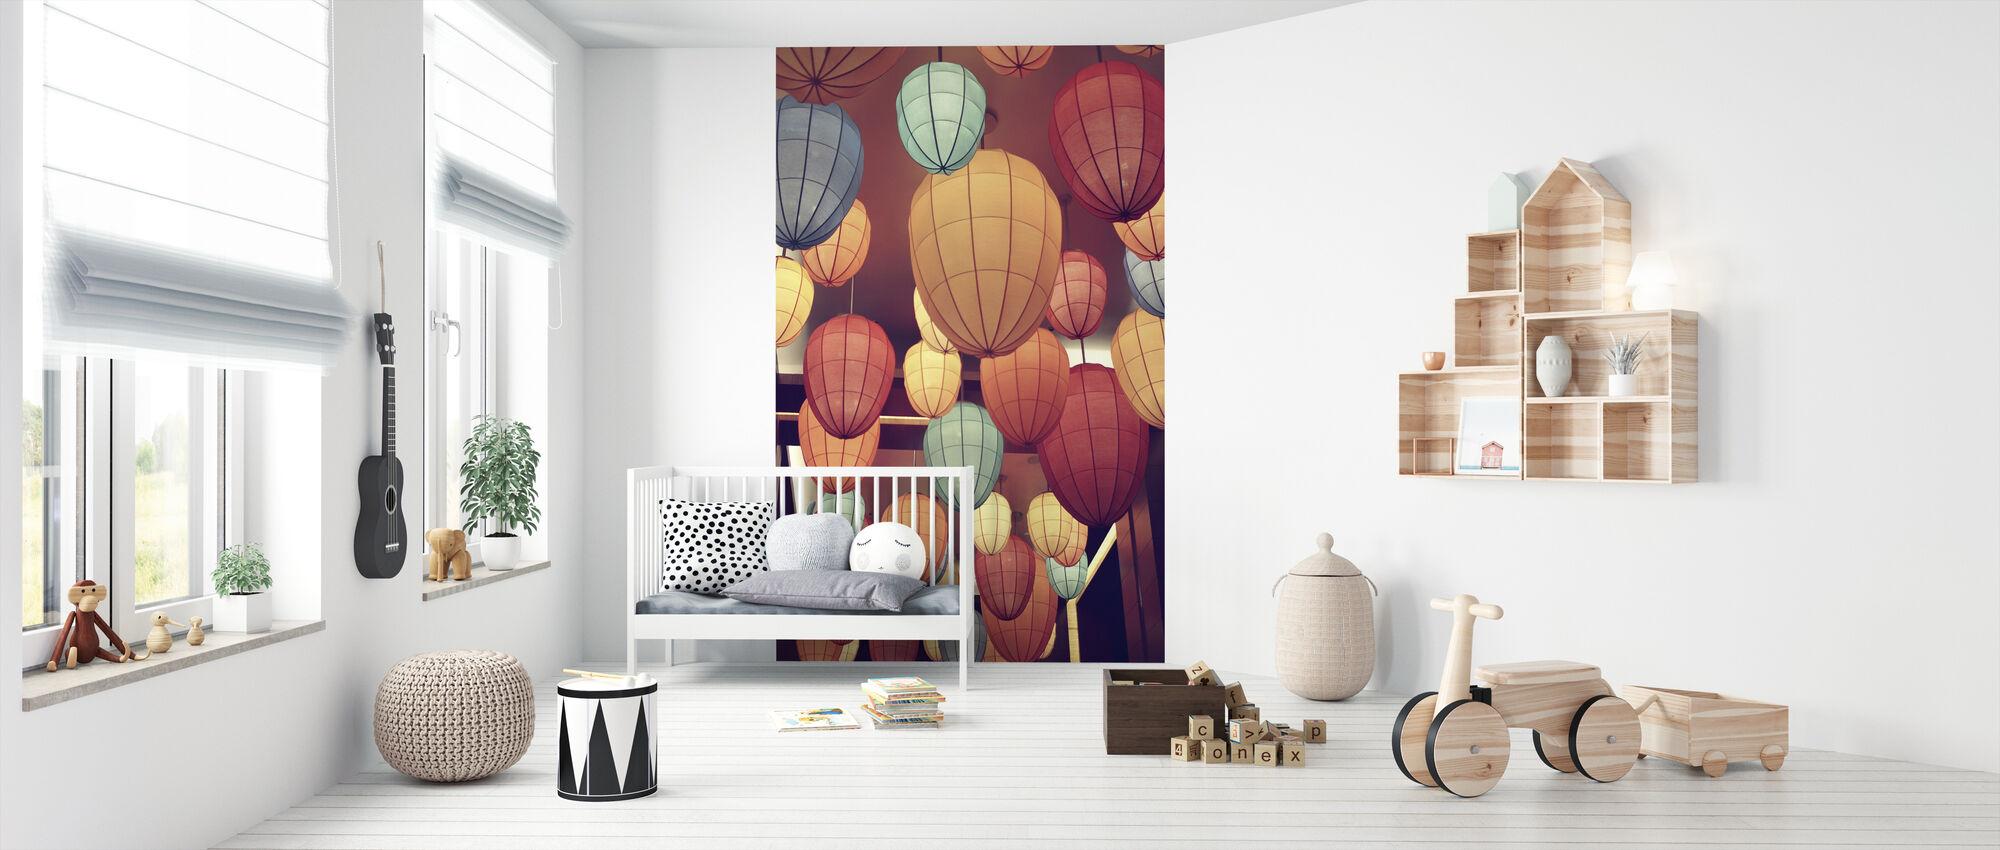 Lamps - Wallpaper - Nursery